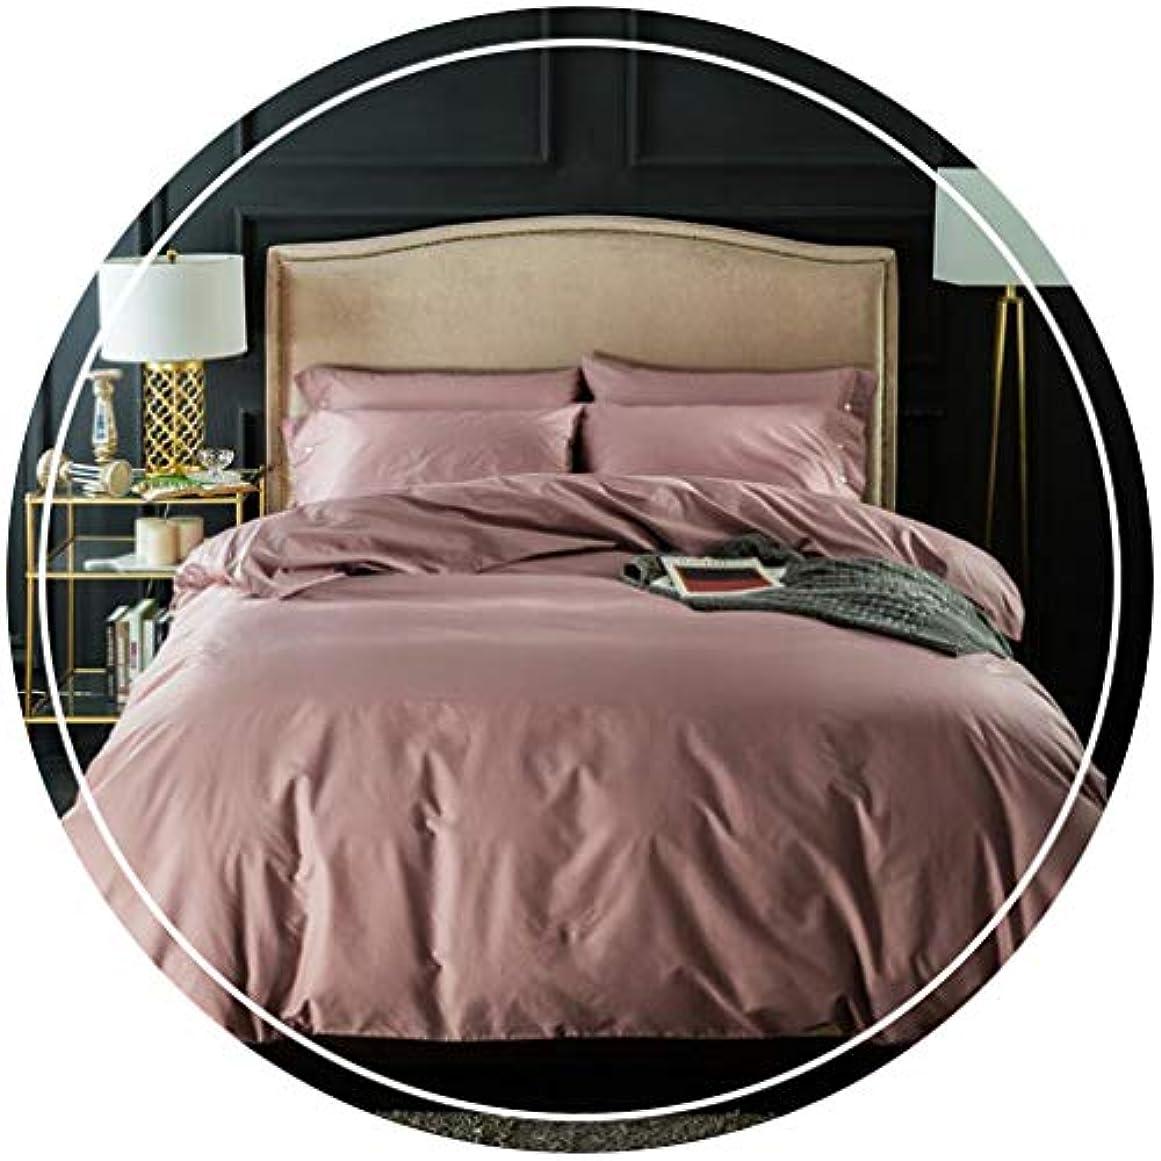 生き物墓地イヤホンHUYYA シートカバー、寝具カバーセット 柔らかく快適 4枚セットのシート マイクロファイバー シーツと枕セット,Bean powder_Increase